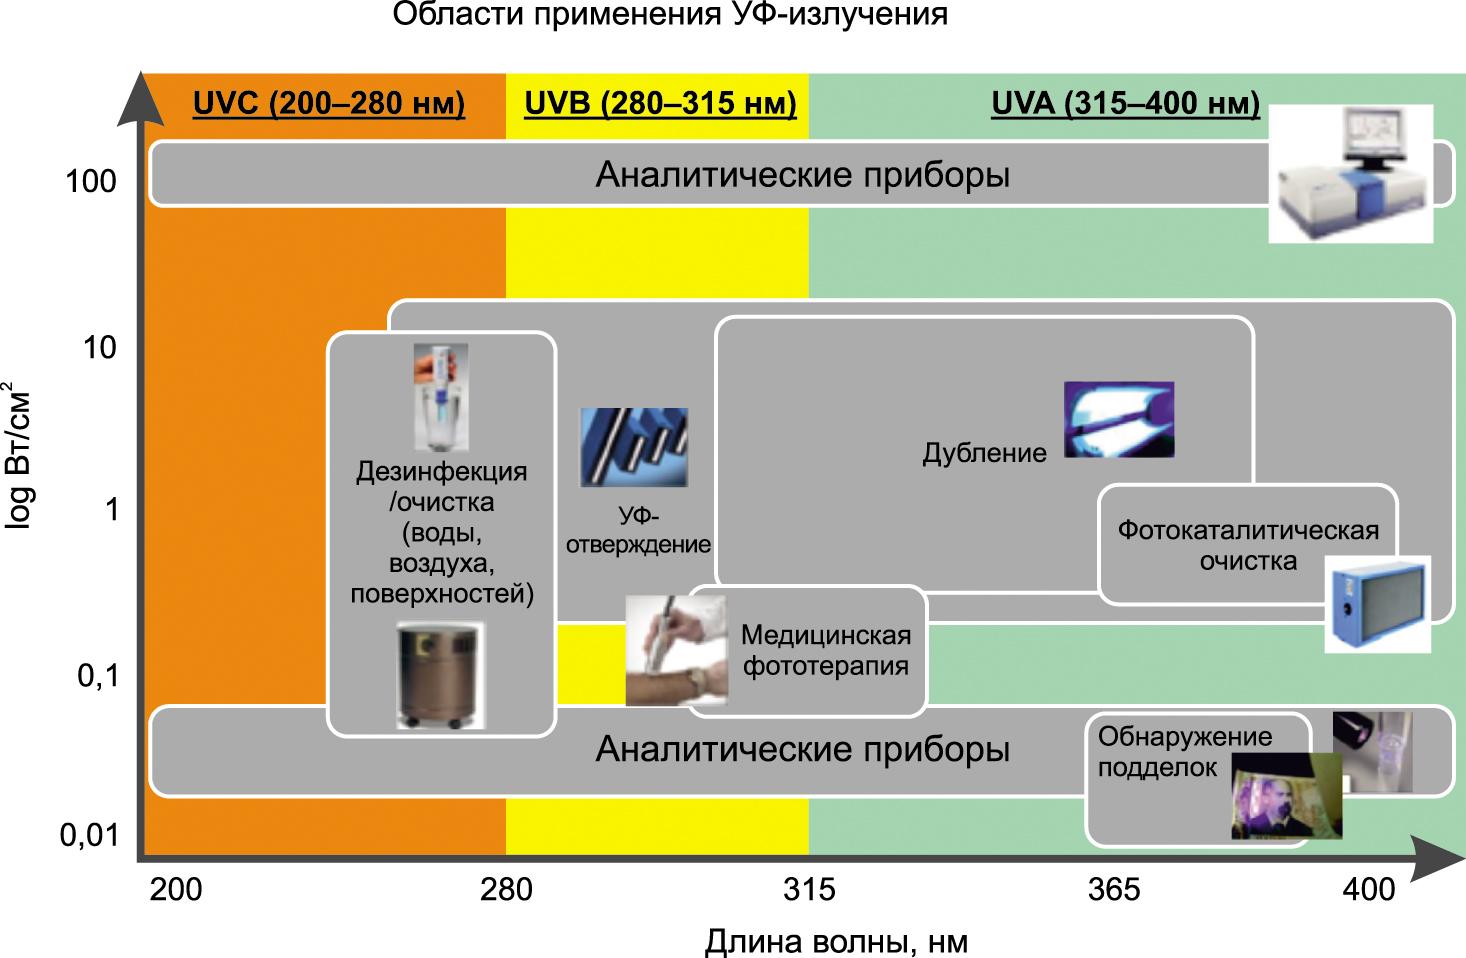 Области применения УФ-излучения